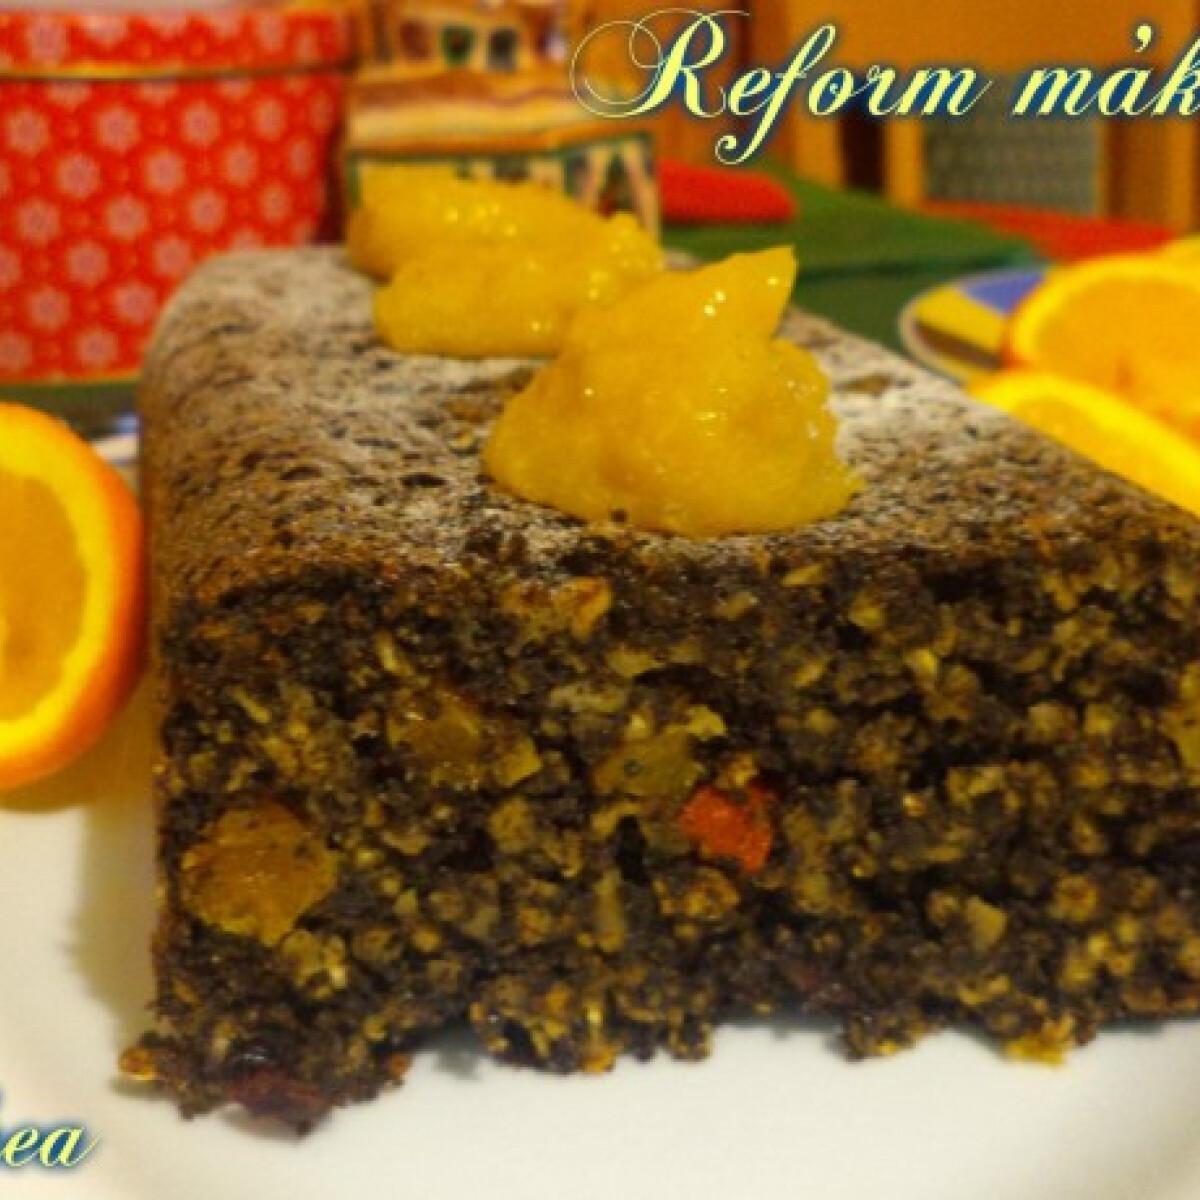 Ezen a képen: Reform mákos Kandi konyhájából